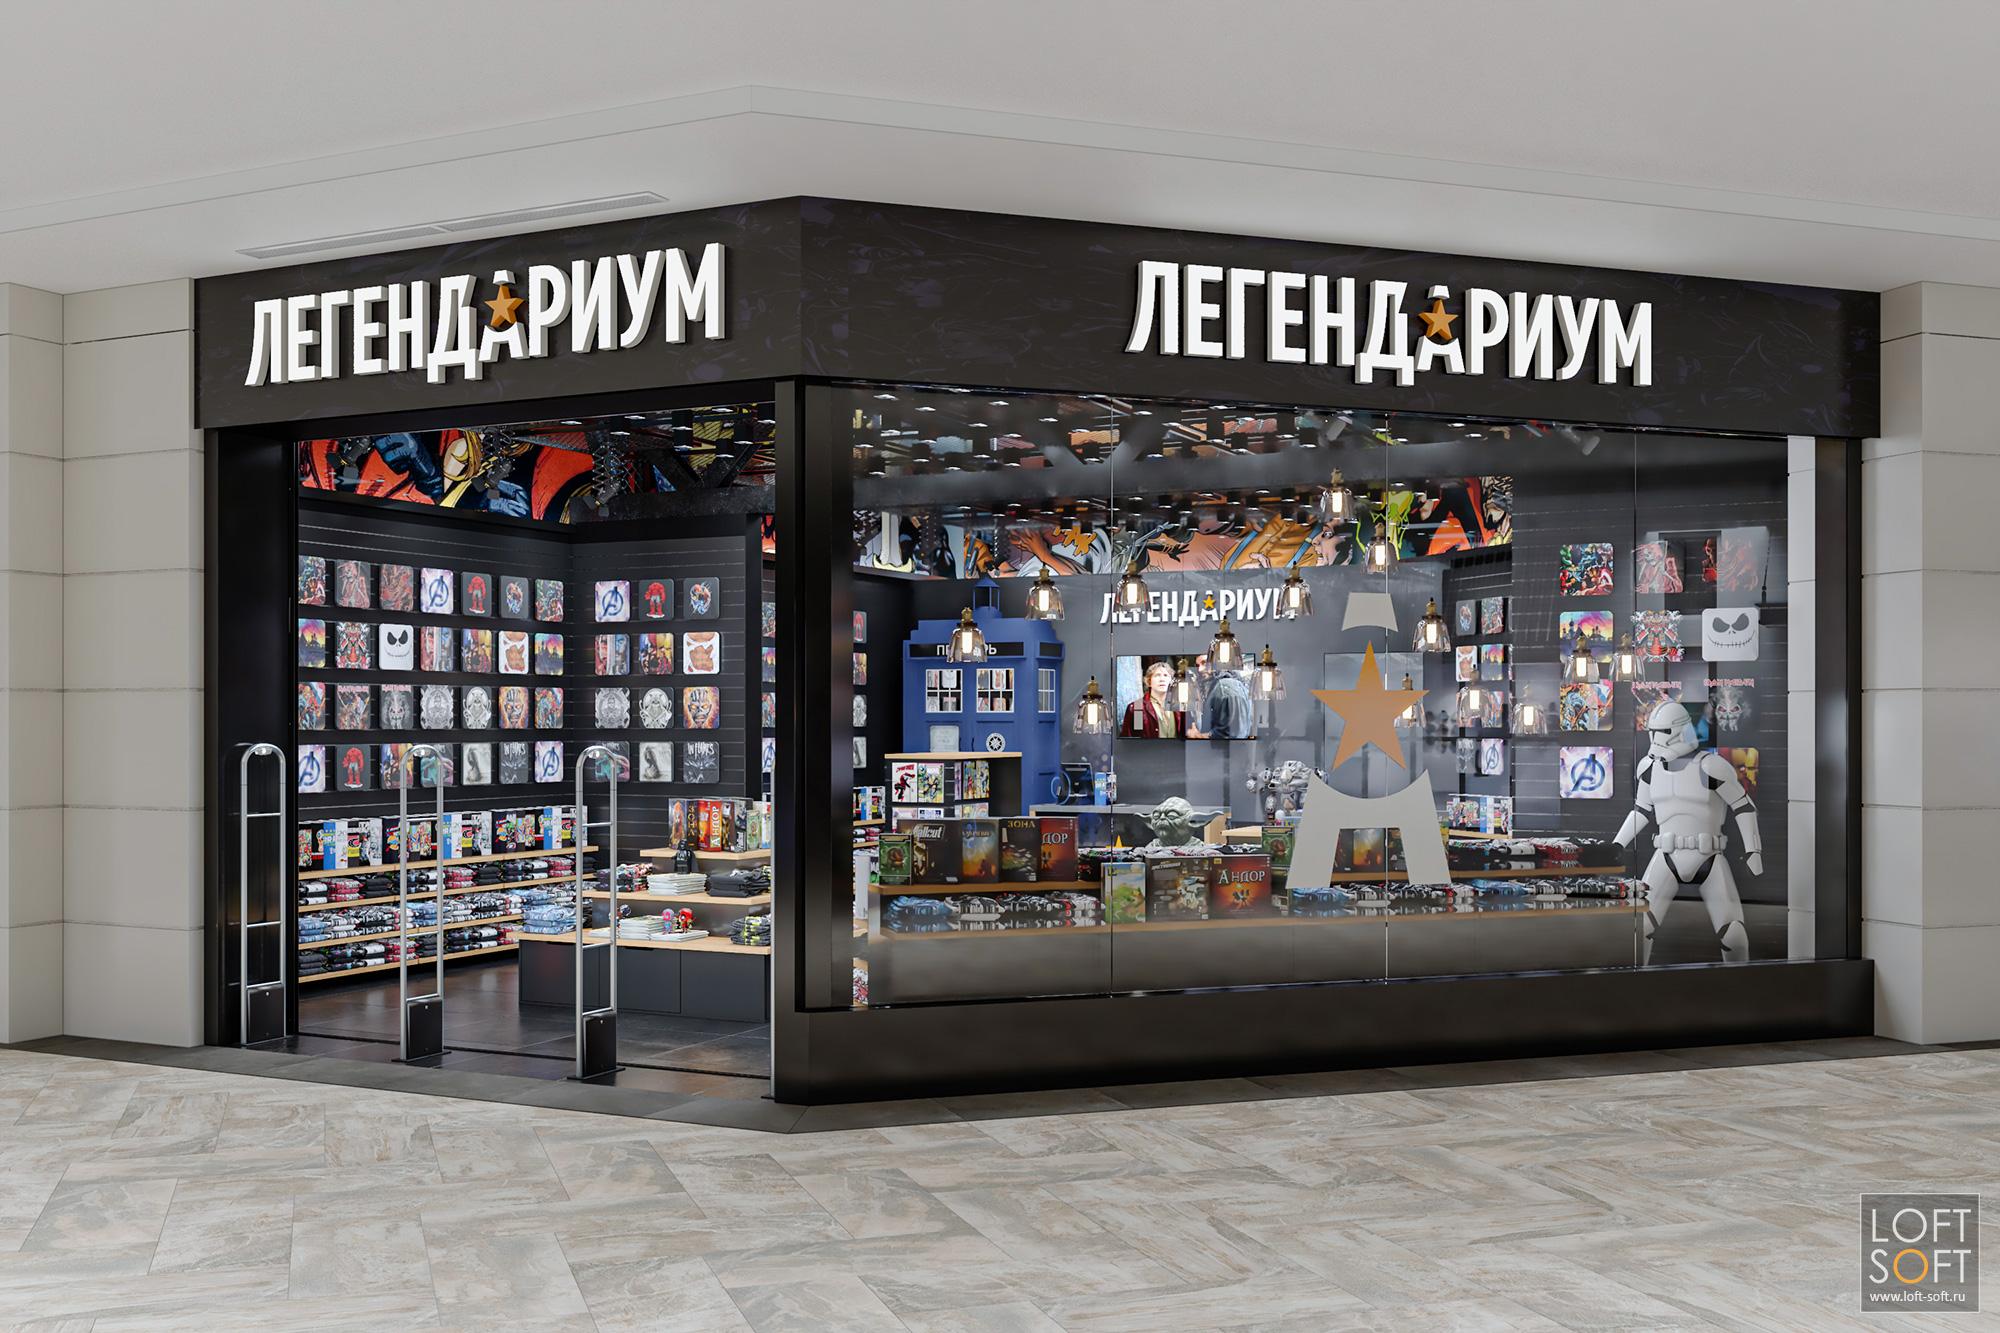 Современный магазин одежды Легендариум вторговом центре